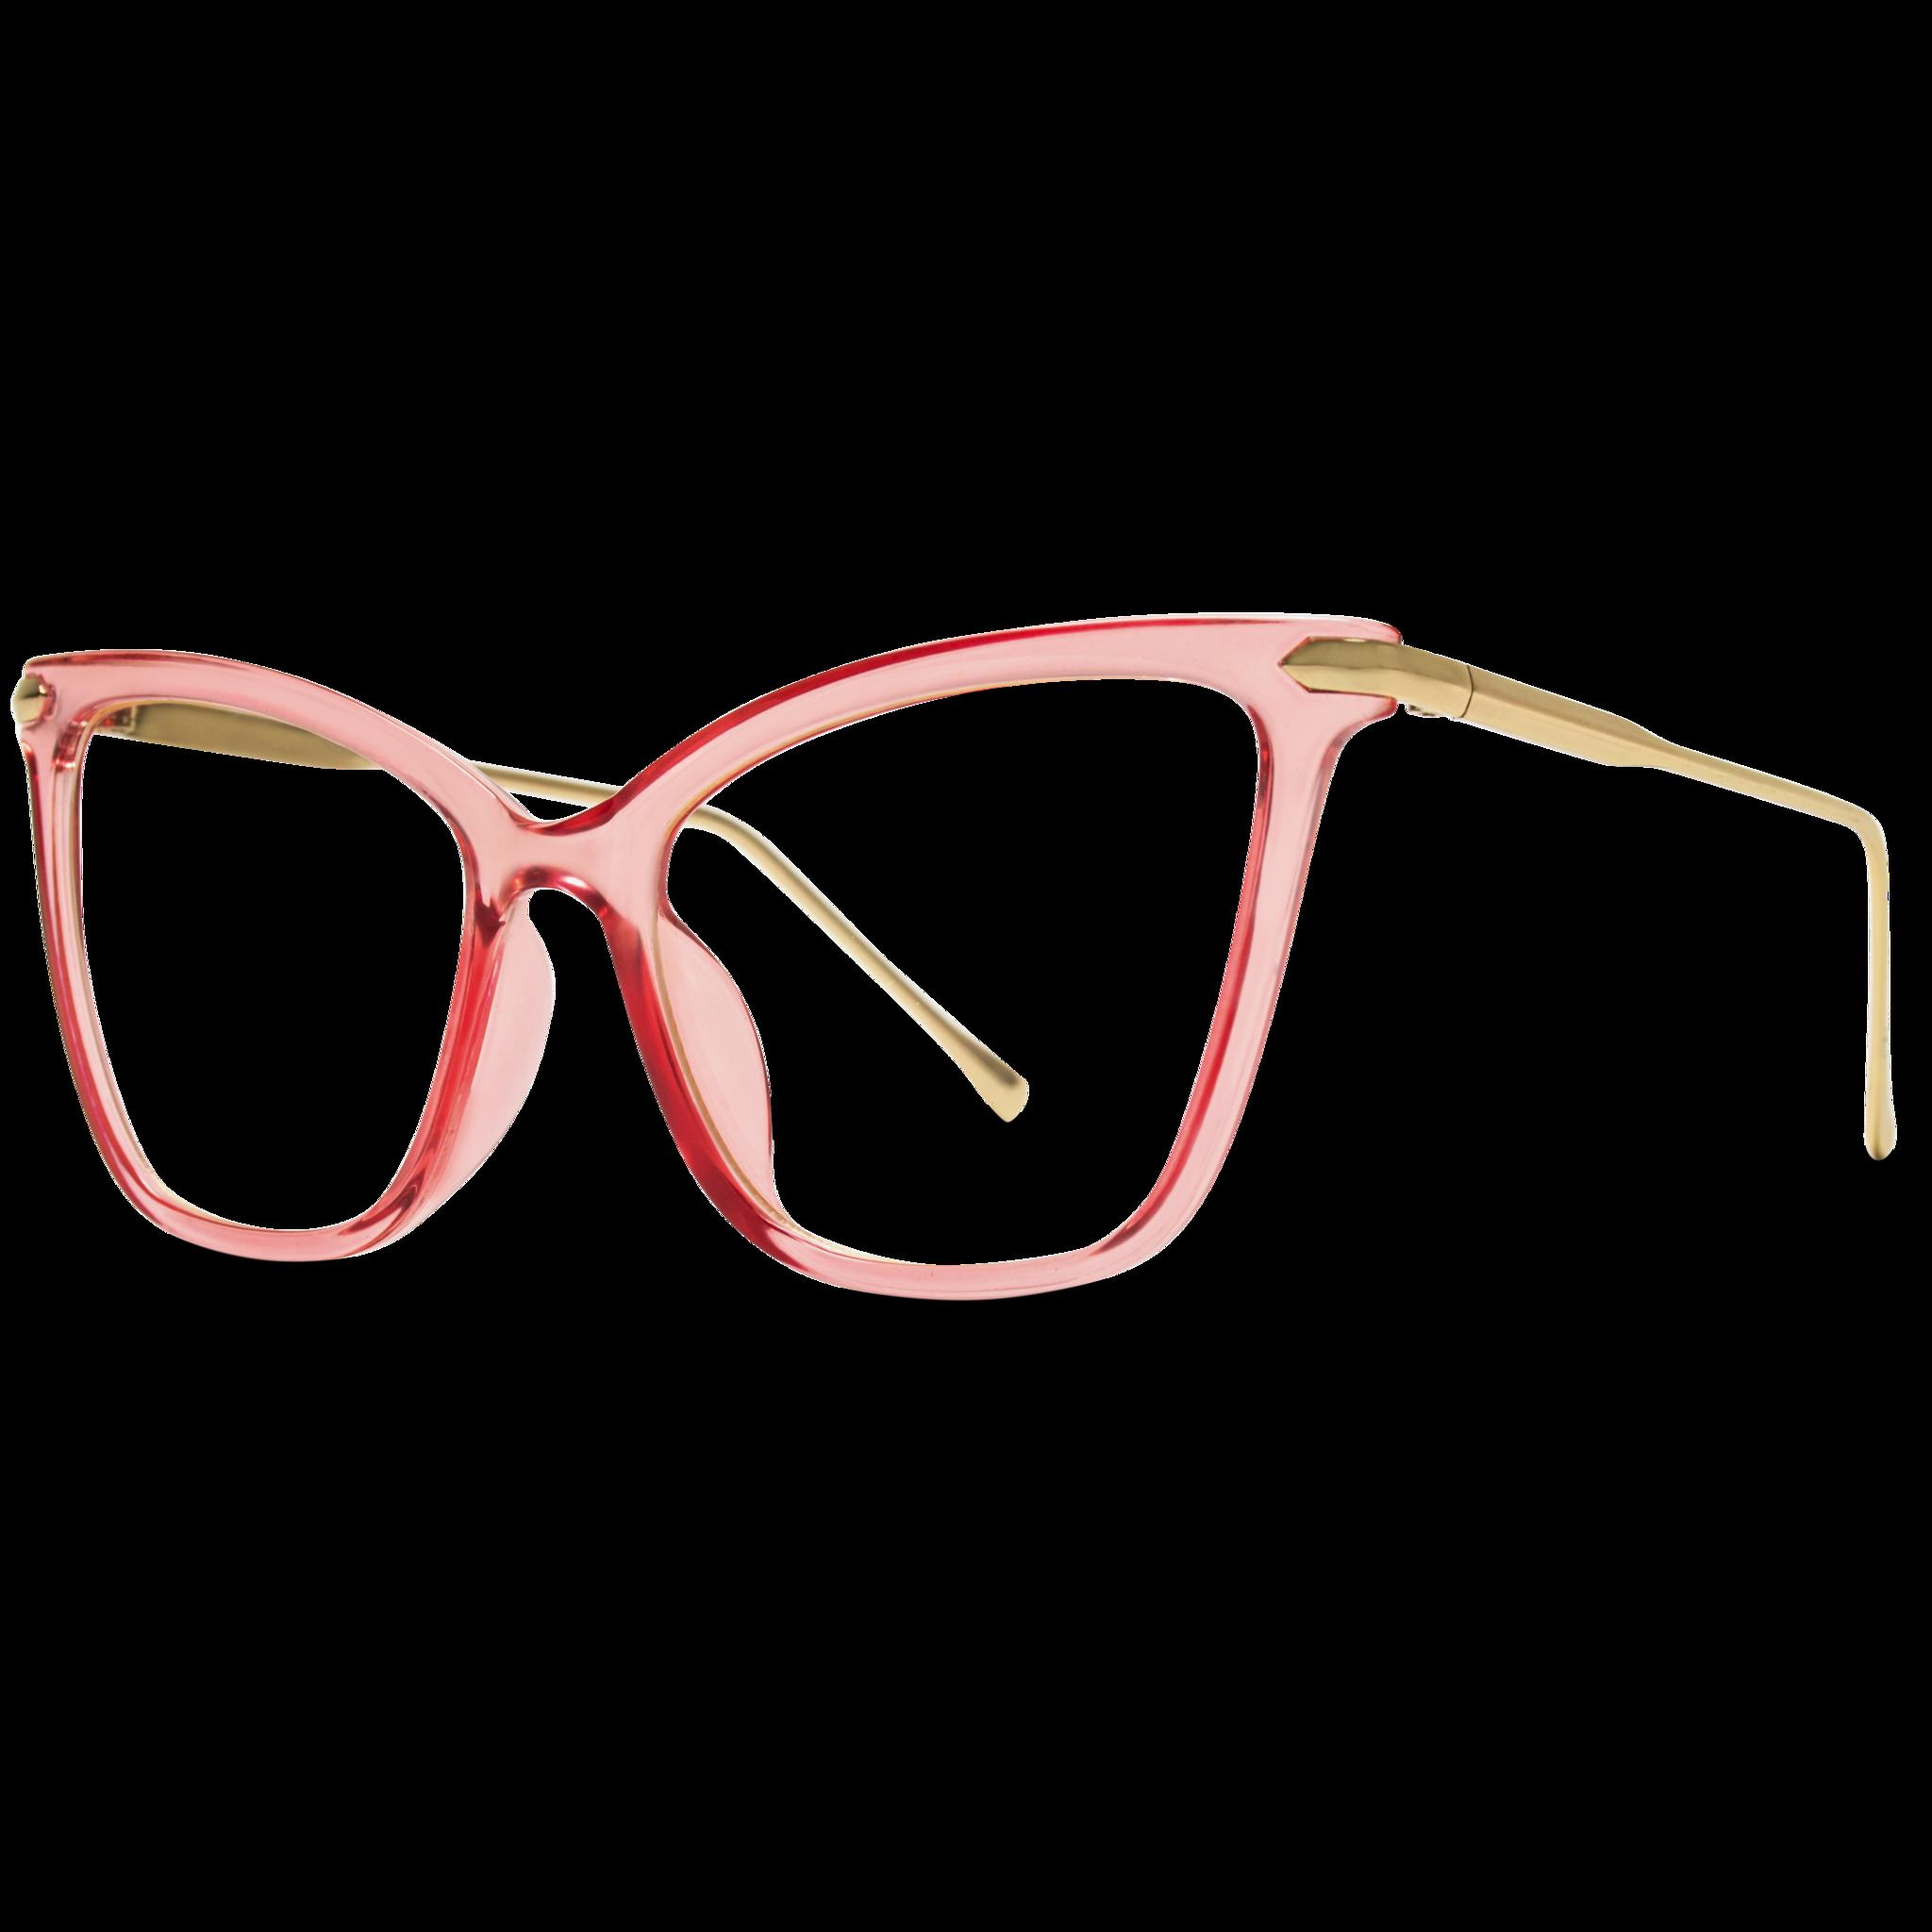 Kinsley Oversized Metal Frame Cat Eye Shape Blue Light Glasses For Women Oversized Cat Eye Glasses Glasses Cat Eye Glasses